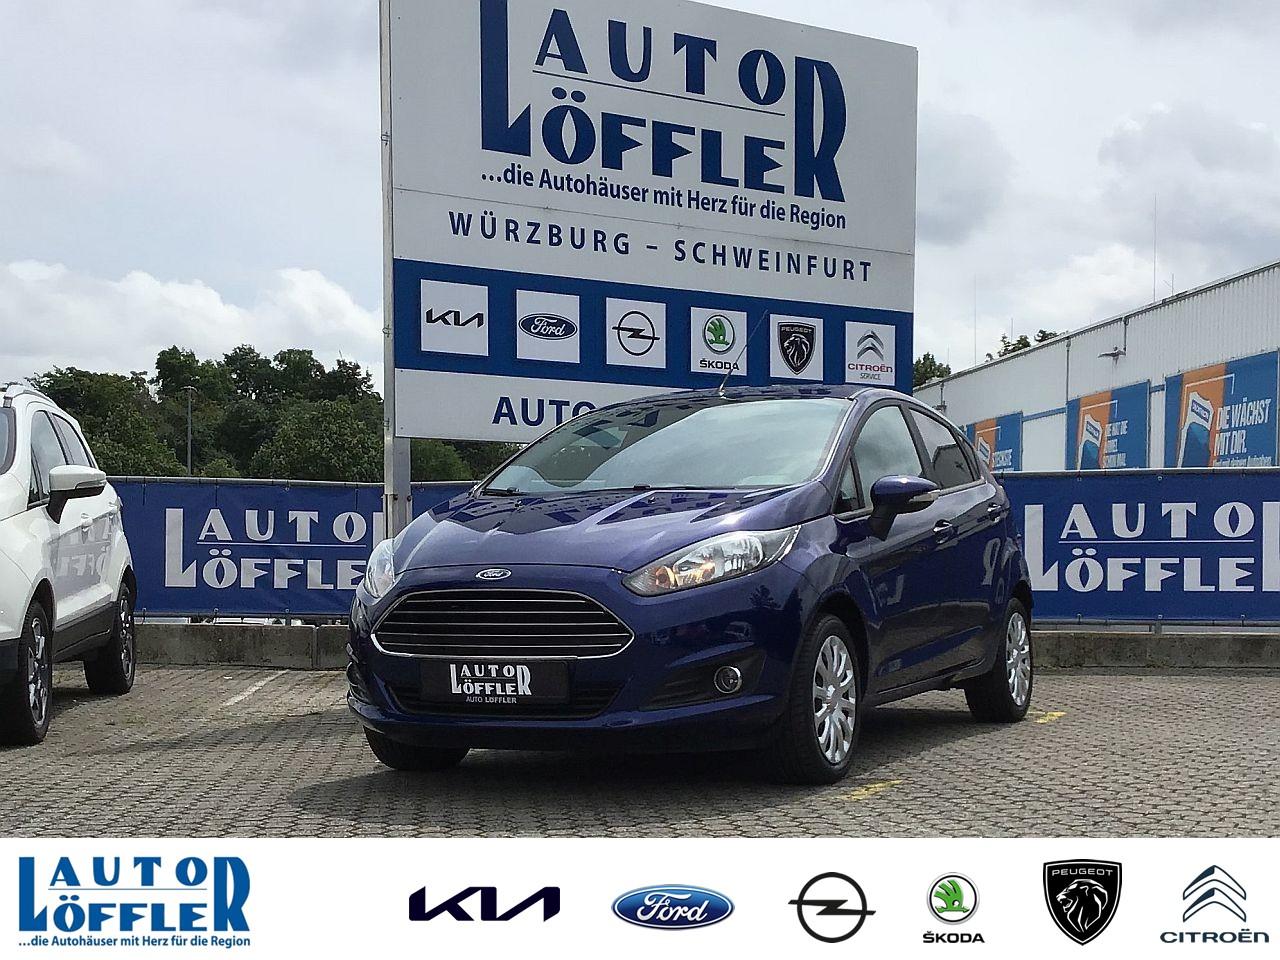 Ford Fiesta Trend 1.2 l - Klima CD AUX Radio Klima, Jahr 2013, Benzin